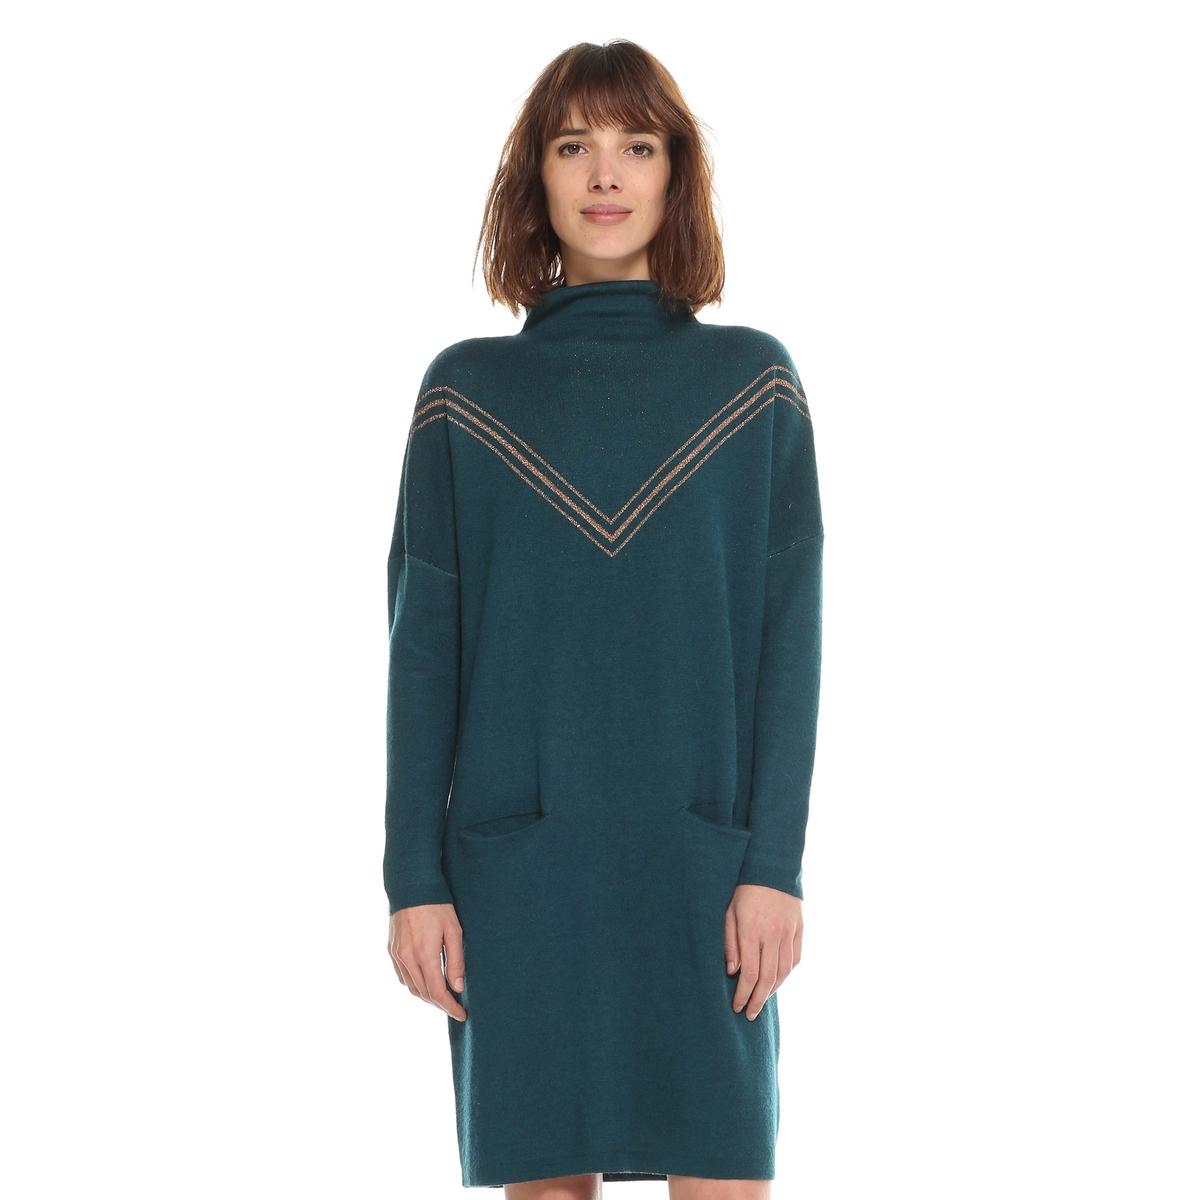 Платье-пуловер короткое однотонное с длинными рукавамиДетали •  Форма : платье-пуловер •  Укороченная модель •  Длинные рукава    •  Воротник-стойкаСостав и уход •  6% шерсти, 19% акрила, 2% металлизированных волокон, 20% полиамида, 53% полиэстера •  Следуйте рекомендациям по уходу, указанным на этикетке изделия<br><br>Цвет: сине-зеленый<br>Размер: XS.M.L